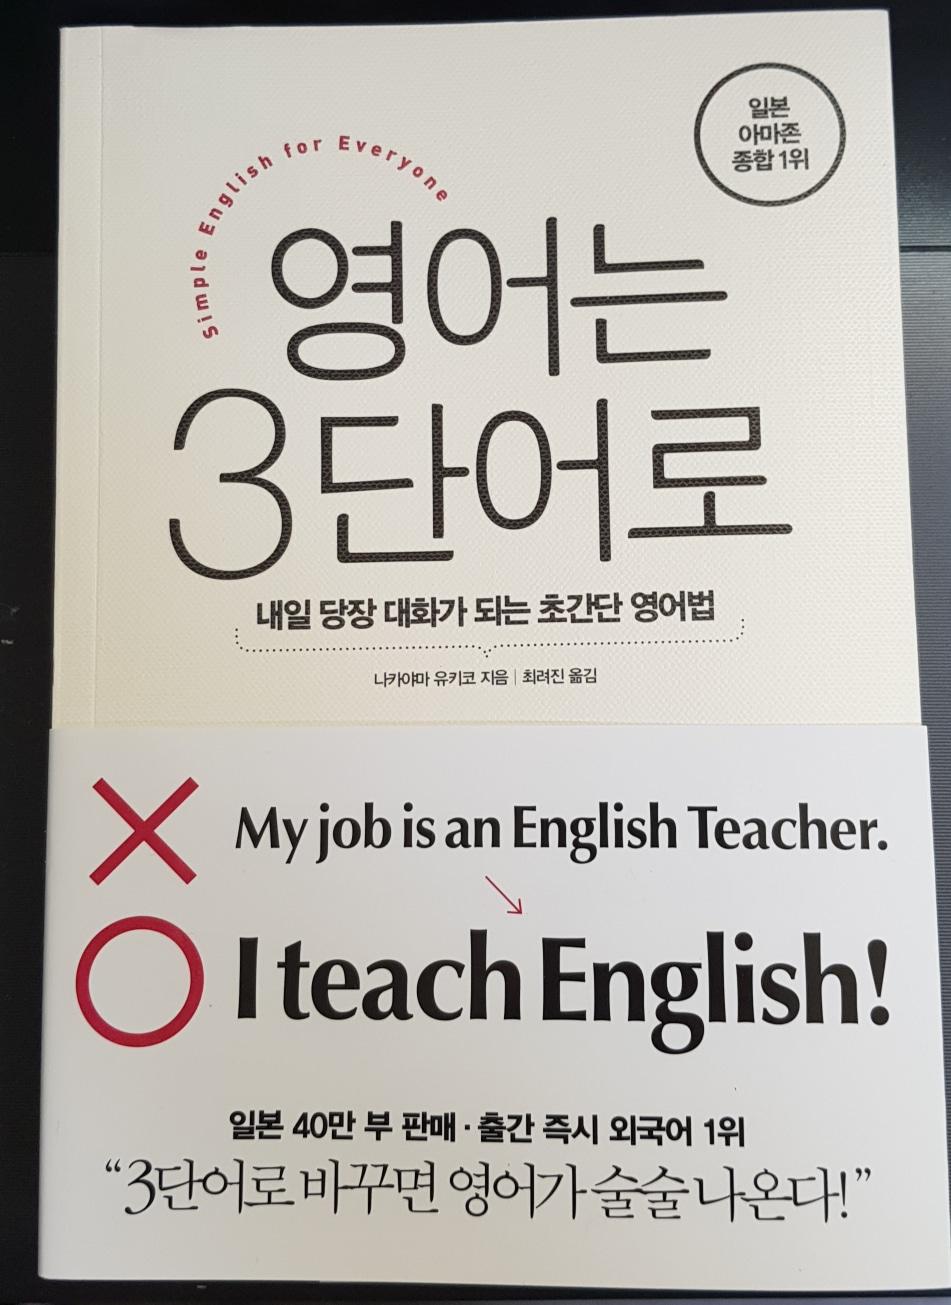 영어책필요하신분~~